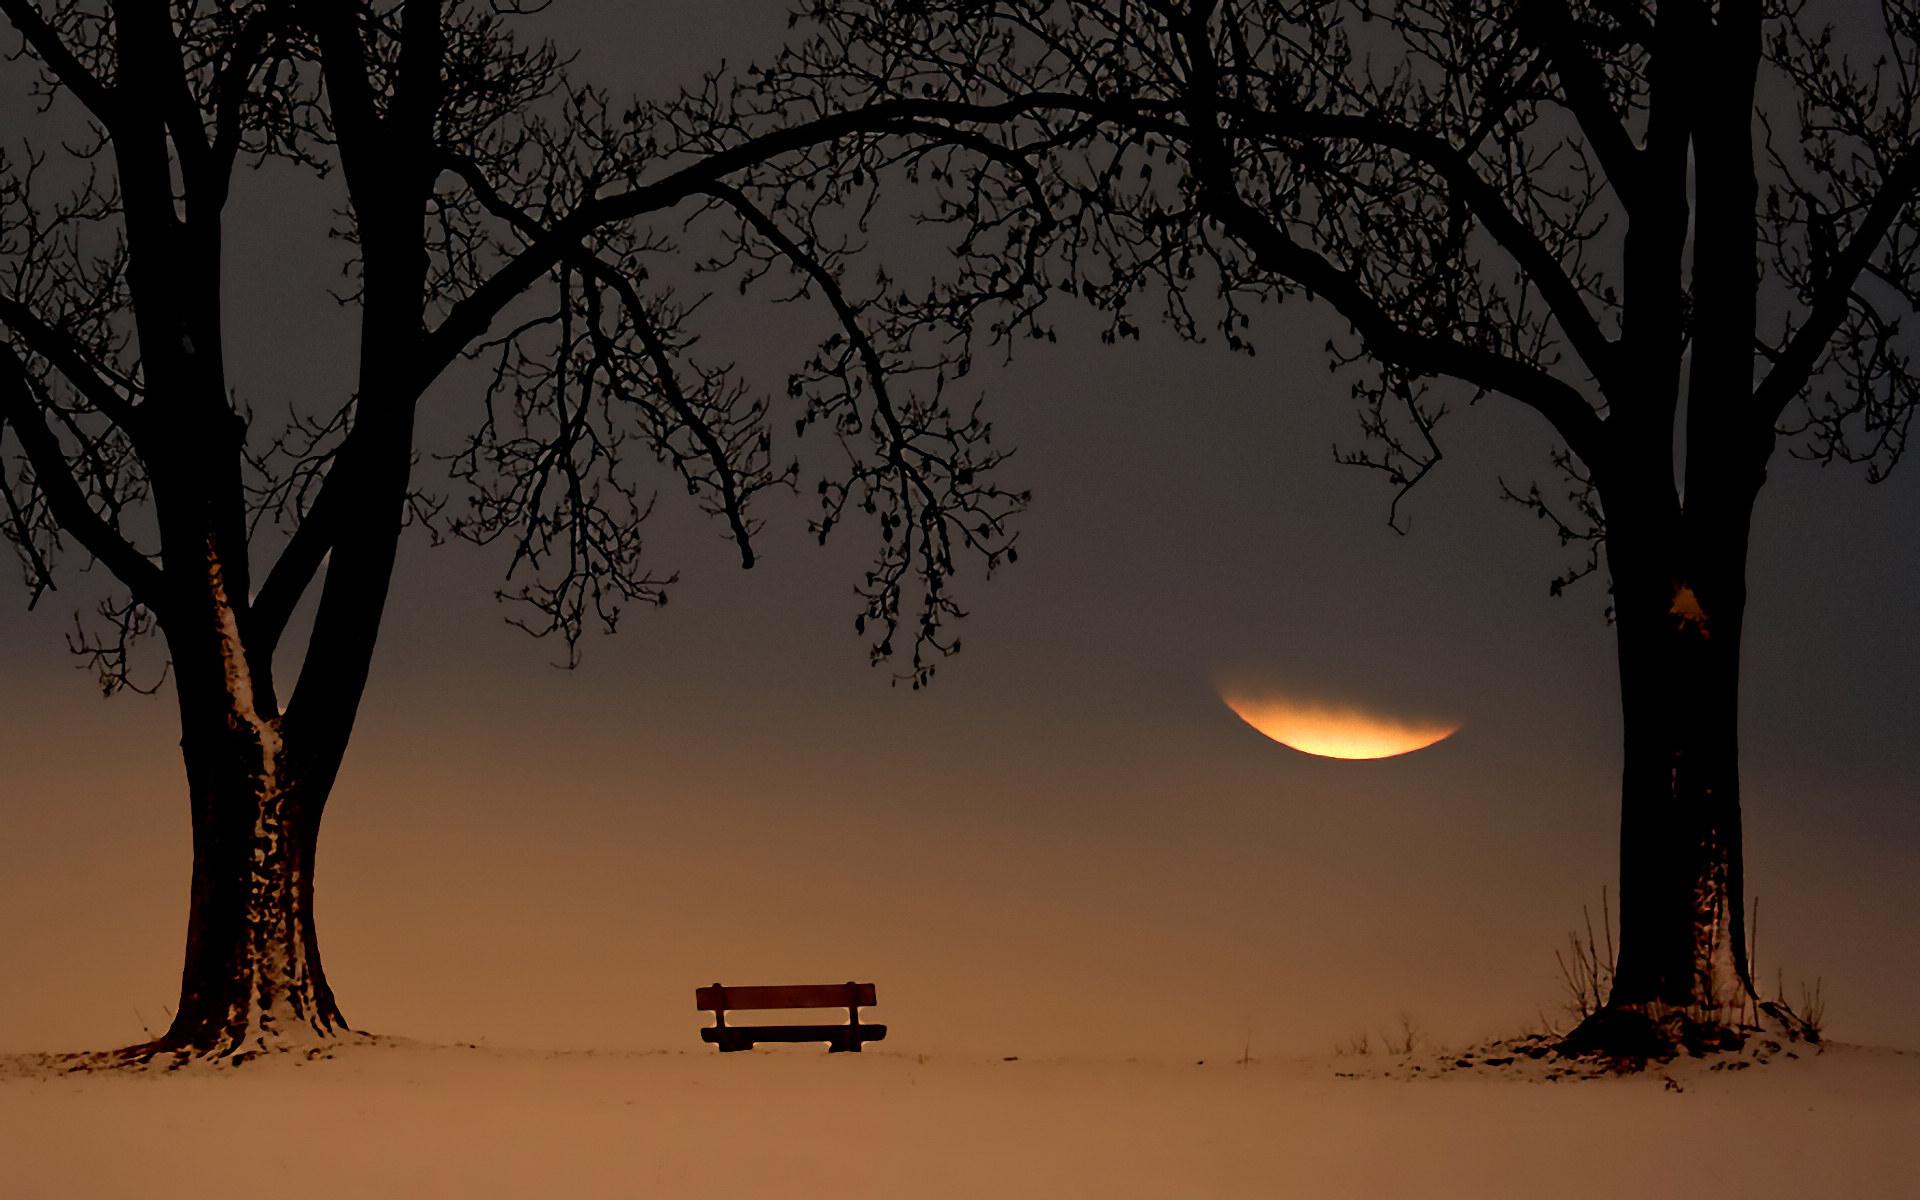 孤独的长椅唯美风景壁纸大全